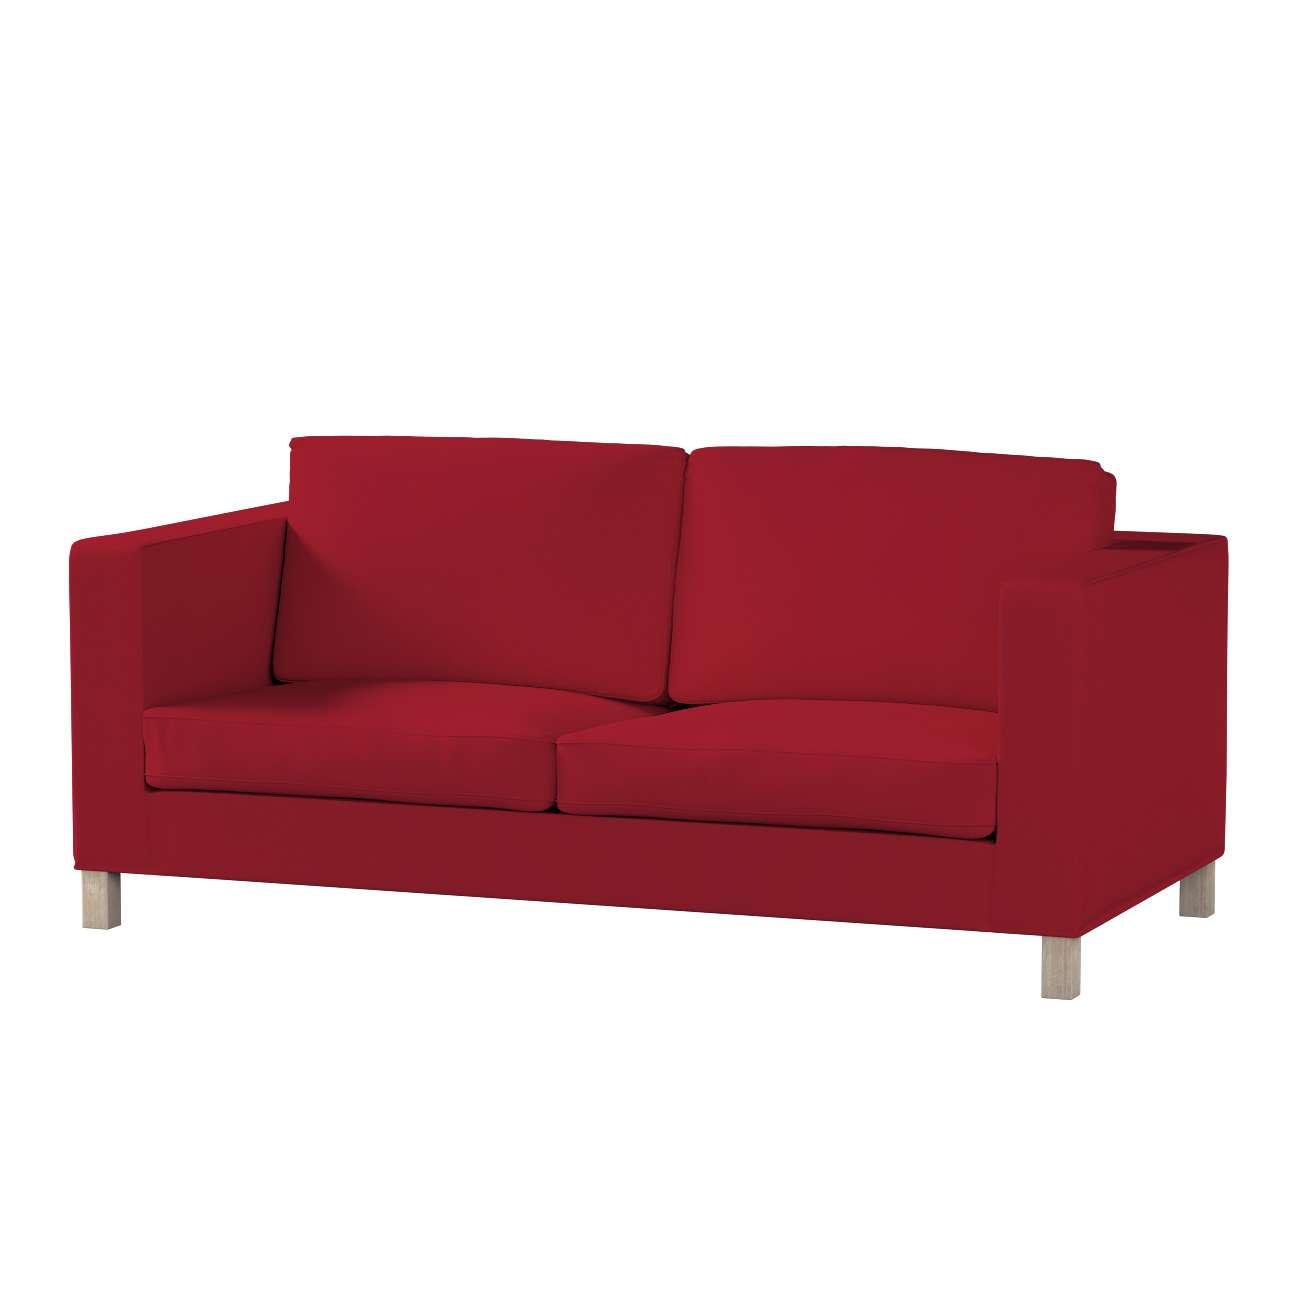 Pokrowiec na sofę Karlanda rozkładaną, krótki Sofa Karlanda rozkładana w kolekcji Chenille, tkanina: 702-24